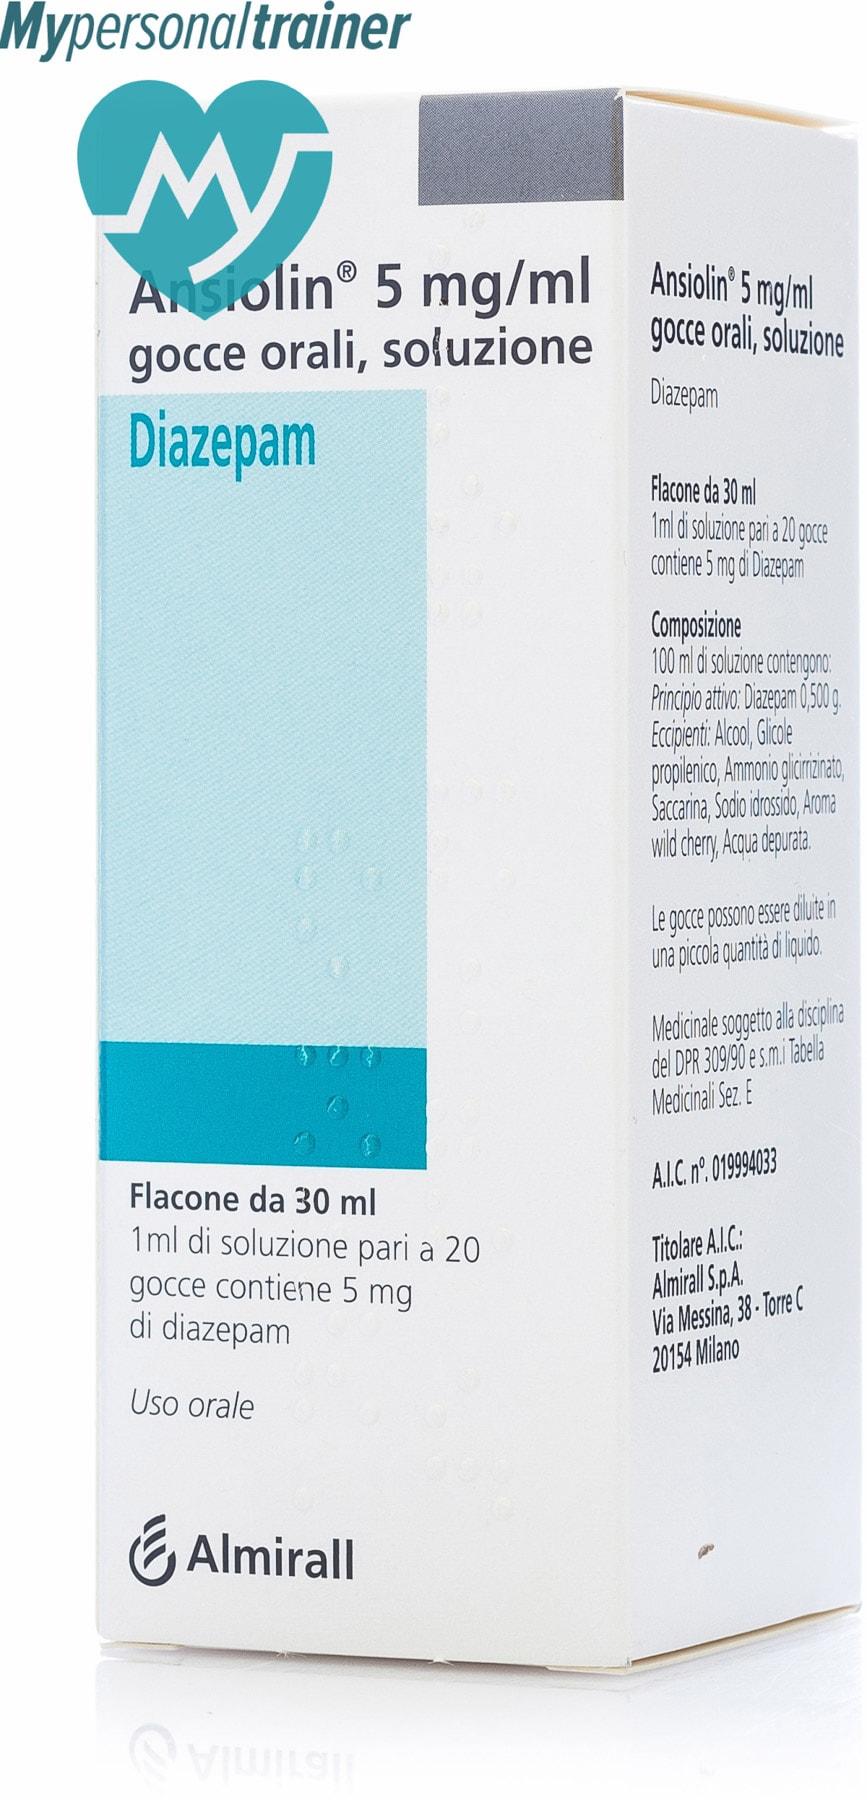 levopraid 5 gocce danno problemi di erezione